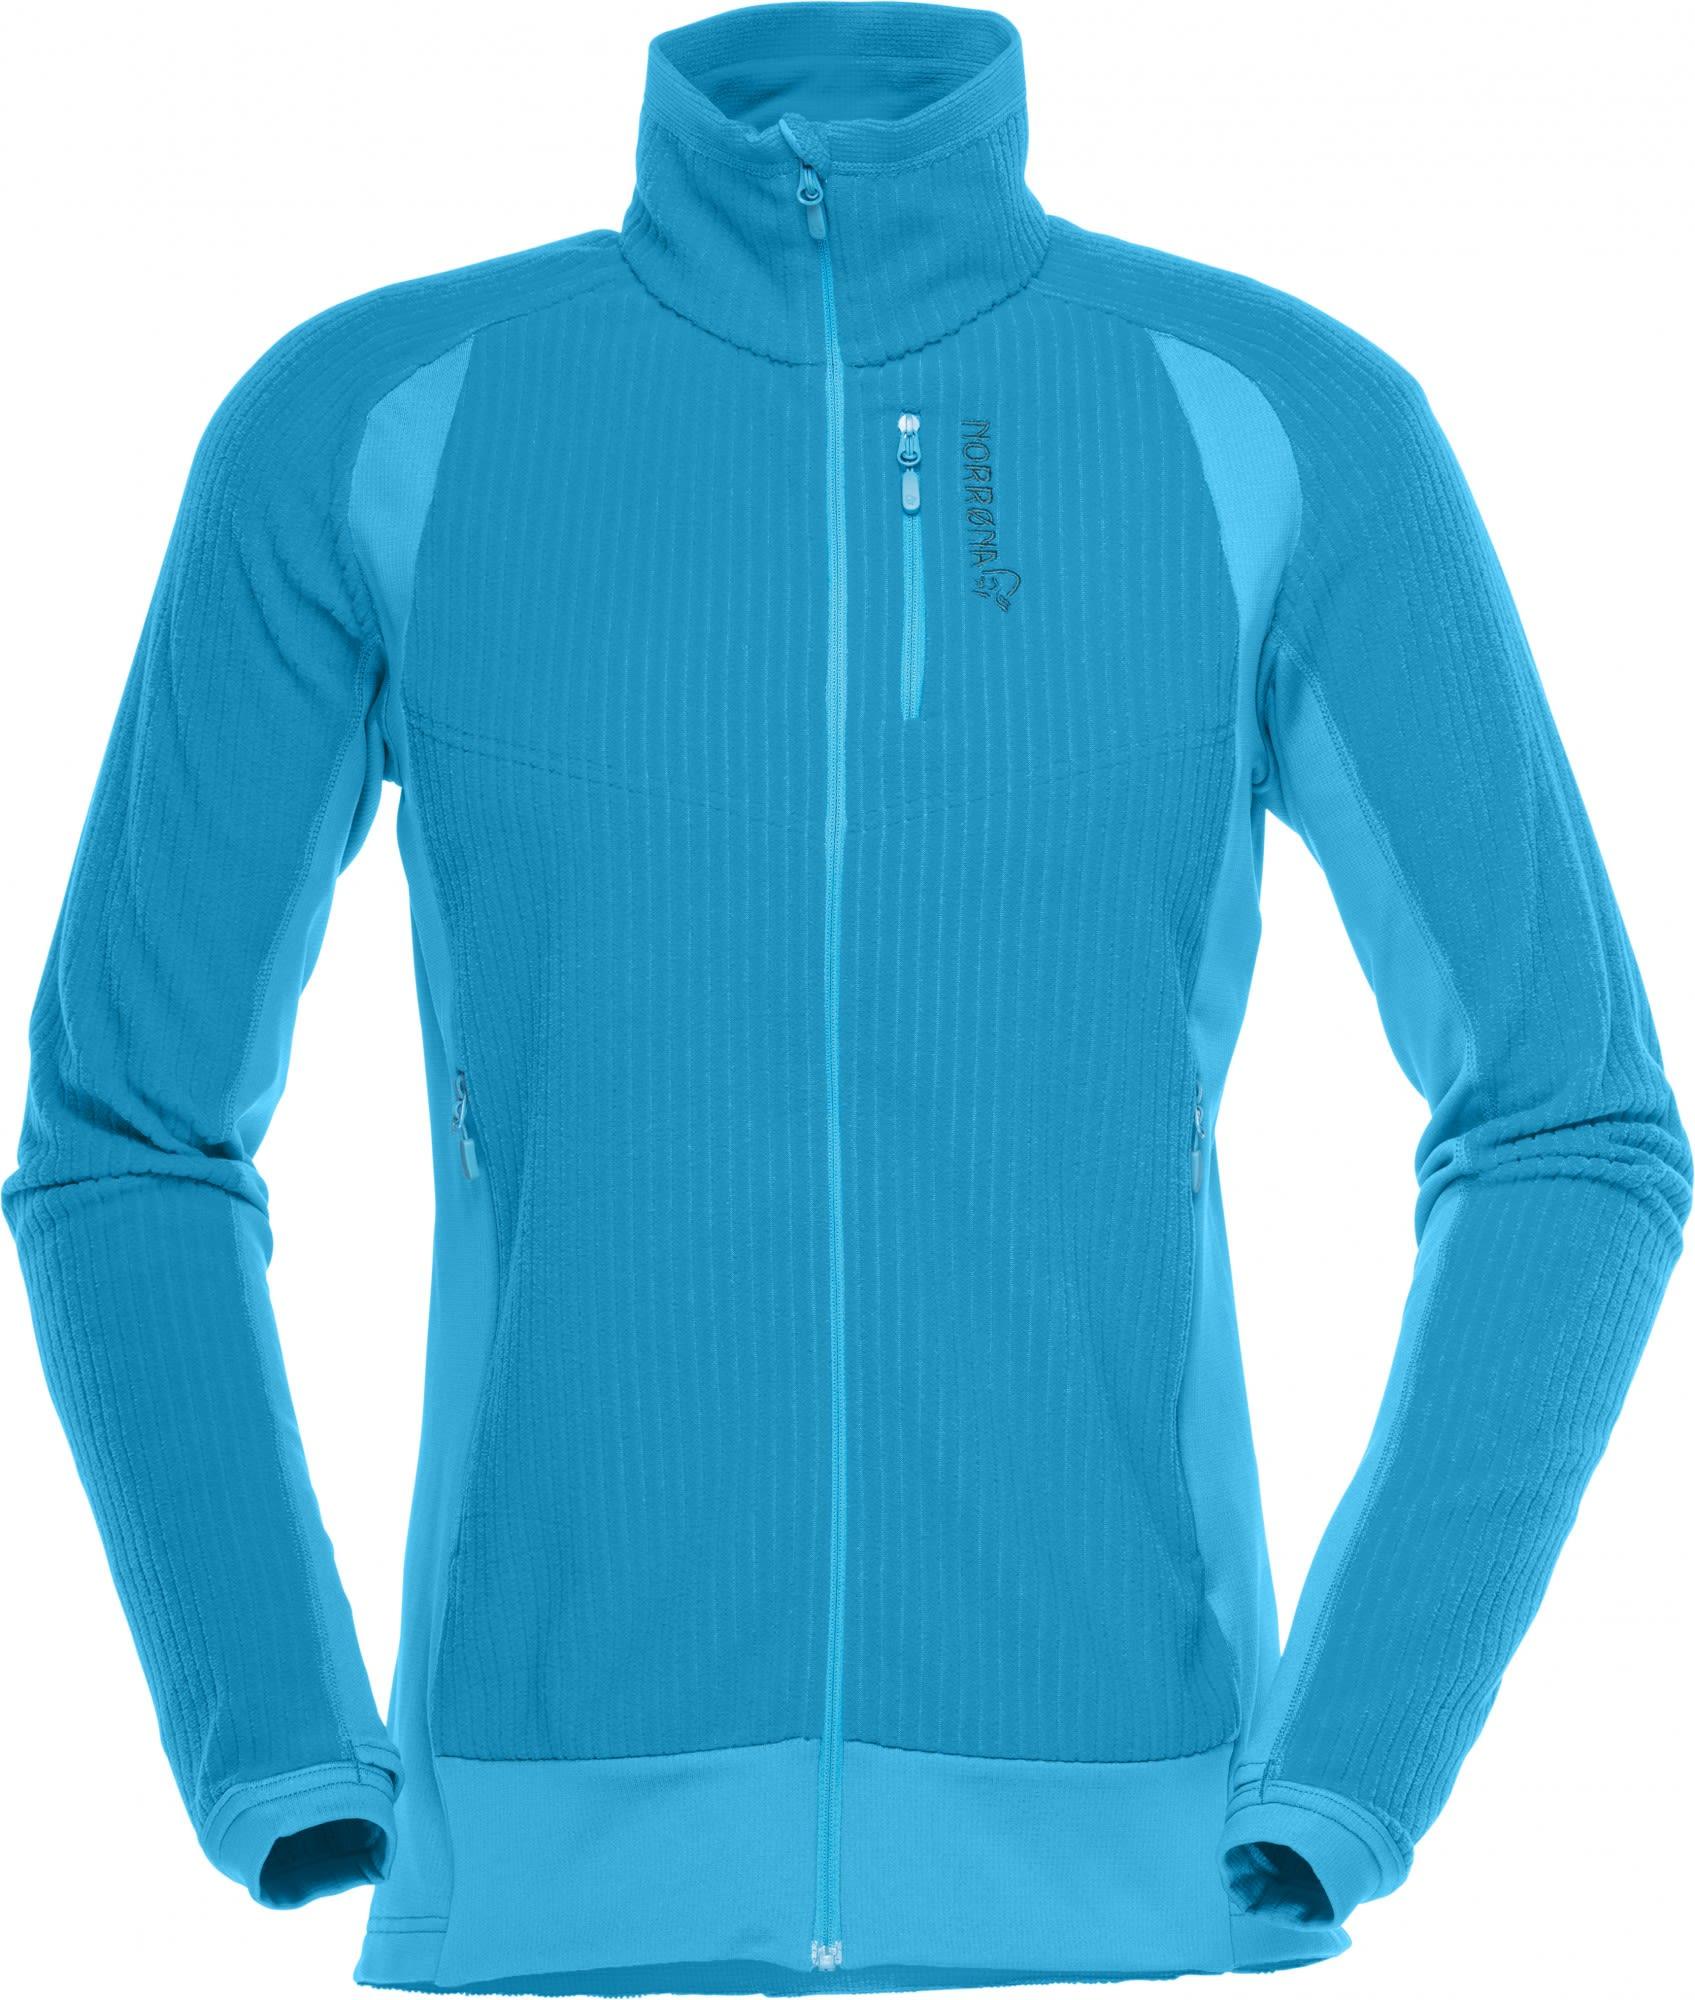 Norrona Lofoten Warm1 Jacket Blau, Female Fleecejacke, M